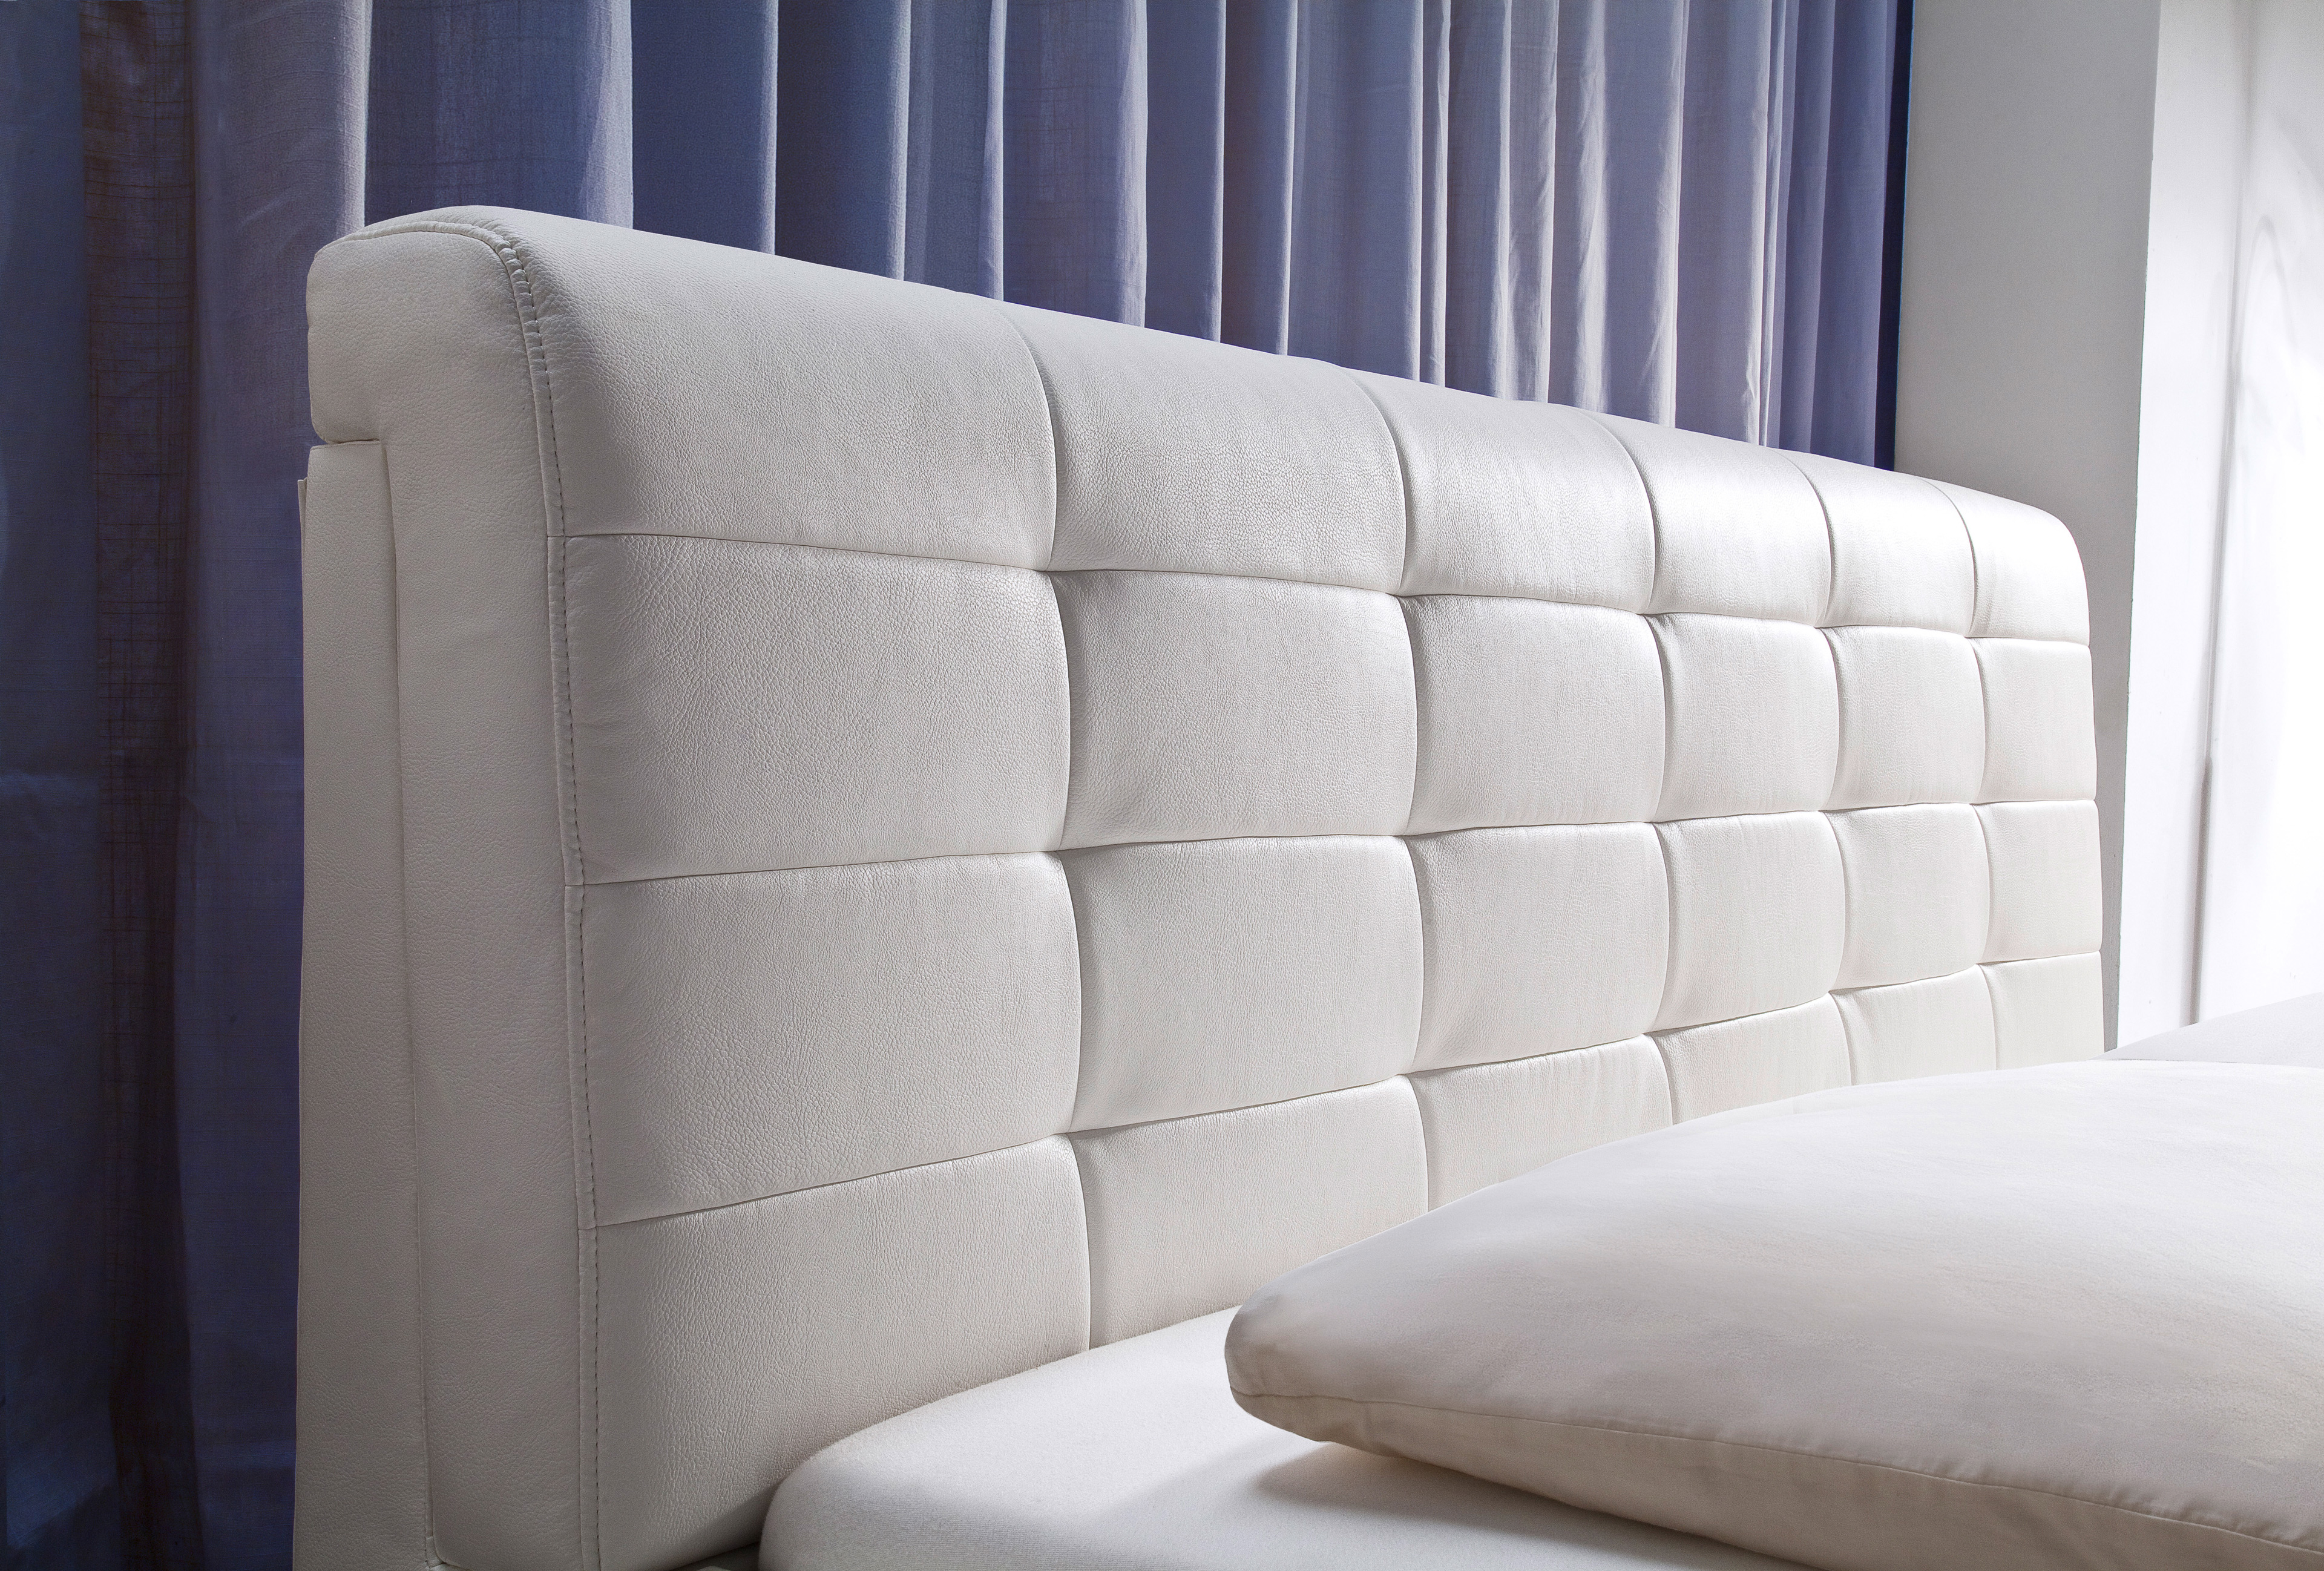 wohnzimmer deko kaufen. Black Bedroom Furniture Sets. Home Design Ideas